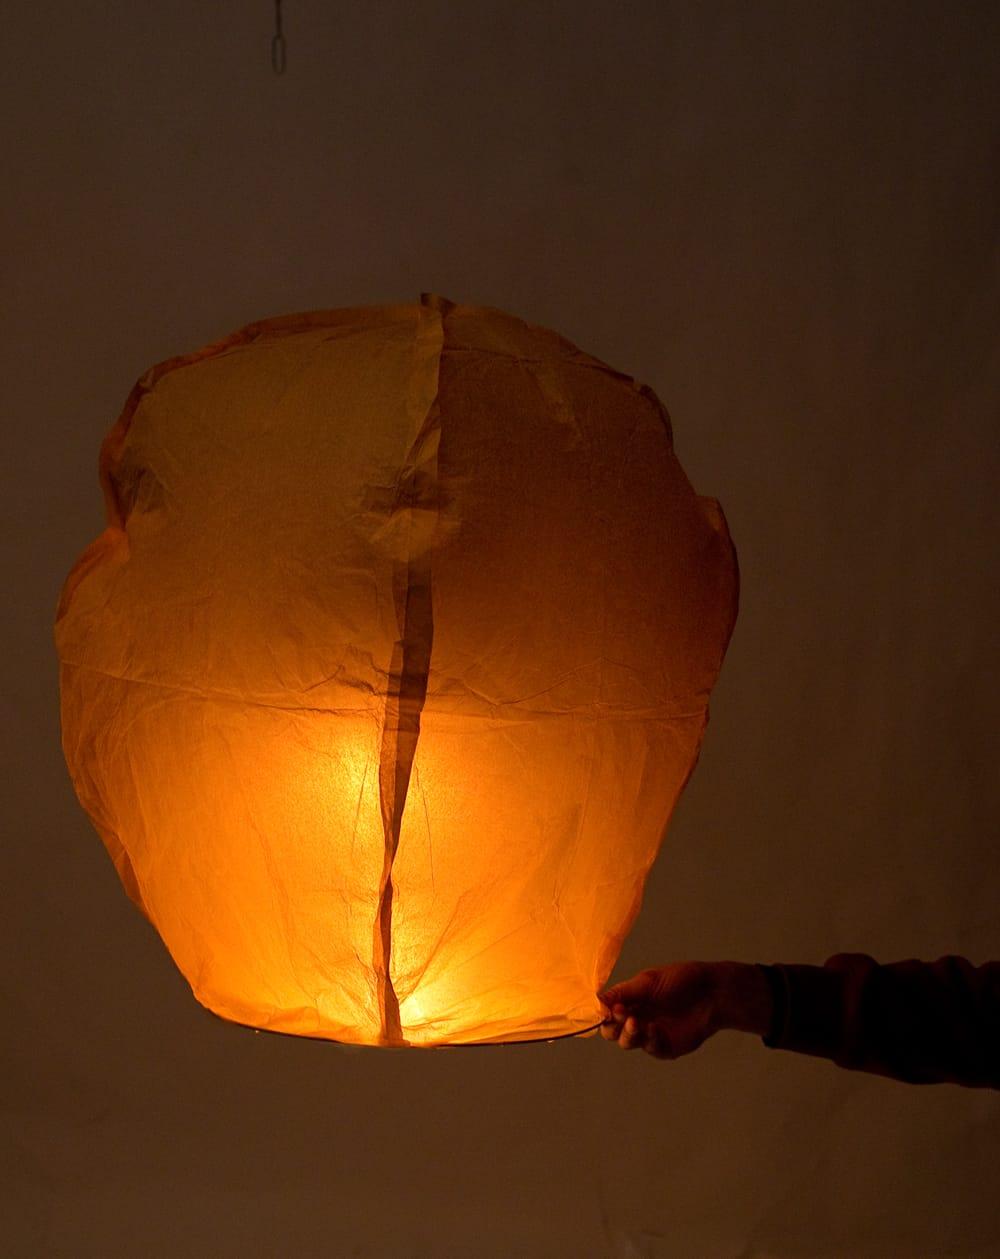 大空に舞い上がるスカイランタン ミックスカラー【アジアの文化紹介用・無保証・100個セット】 11 - 実際に火をつけてみました。